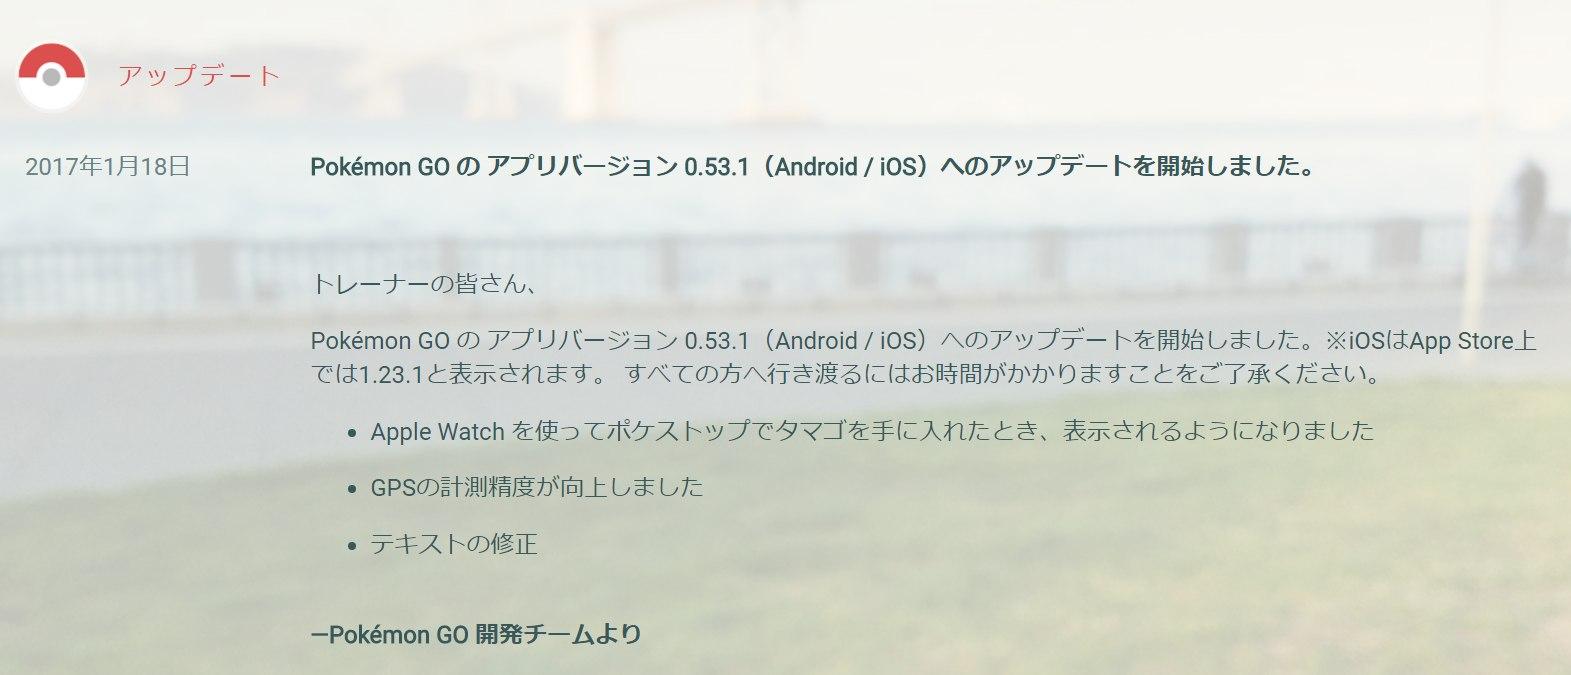 ポケモンgo』先週のアップデートまとめ!applewatchや新技や伝説